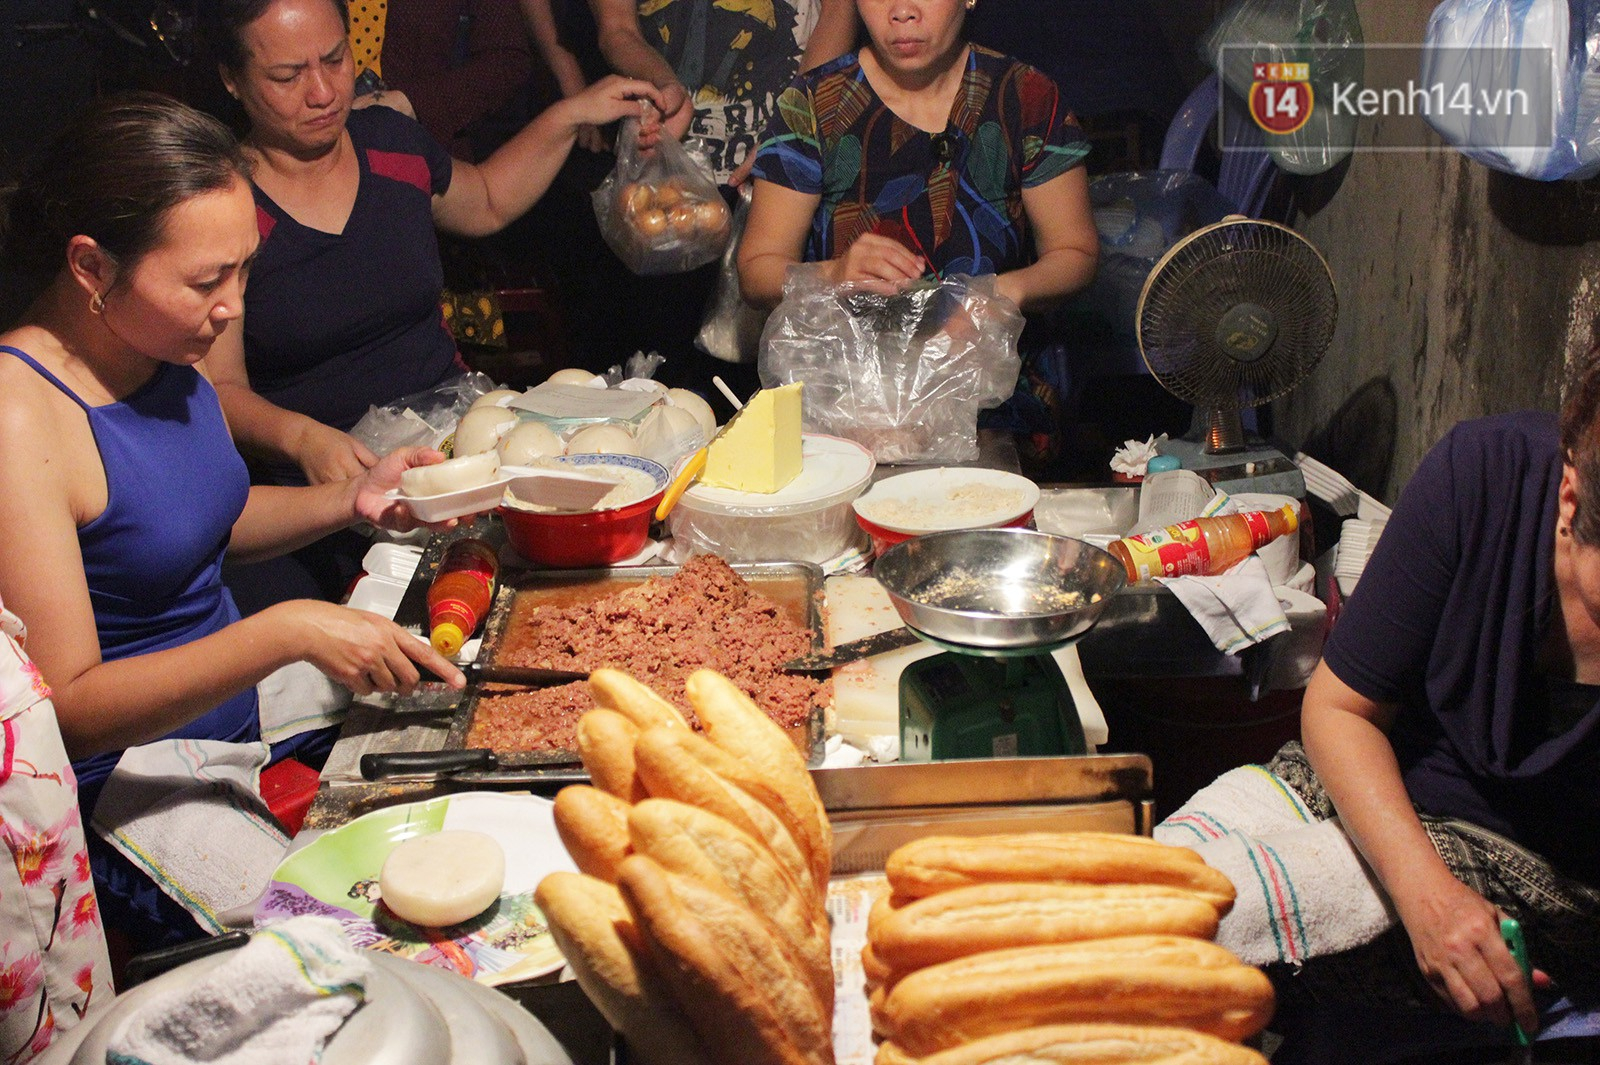 Không hổ danh pate Hải Phòng, một lần nữa lại khiến dân tình í ới hỏi nhau vì món bánh bao nhồi pate - Ảnh 3.